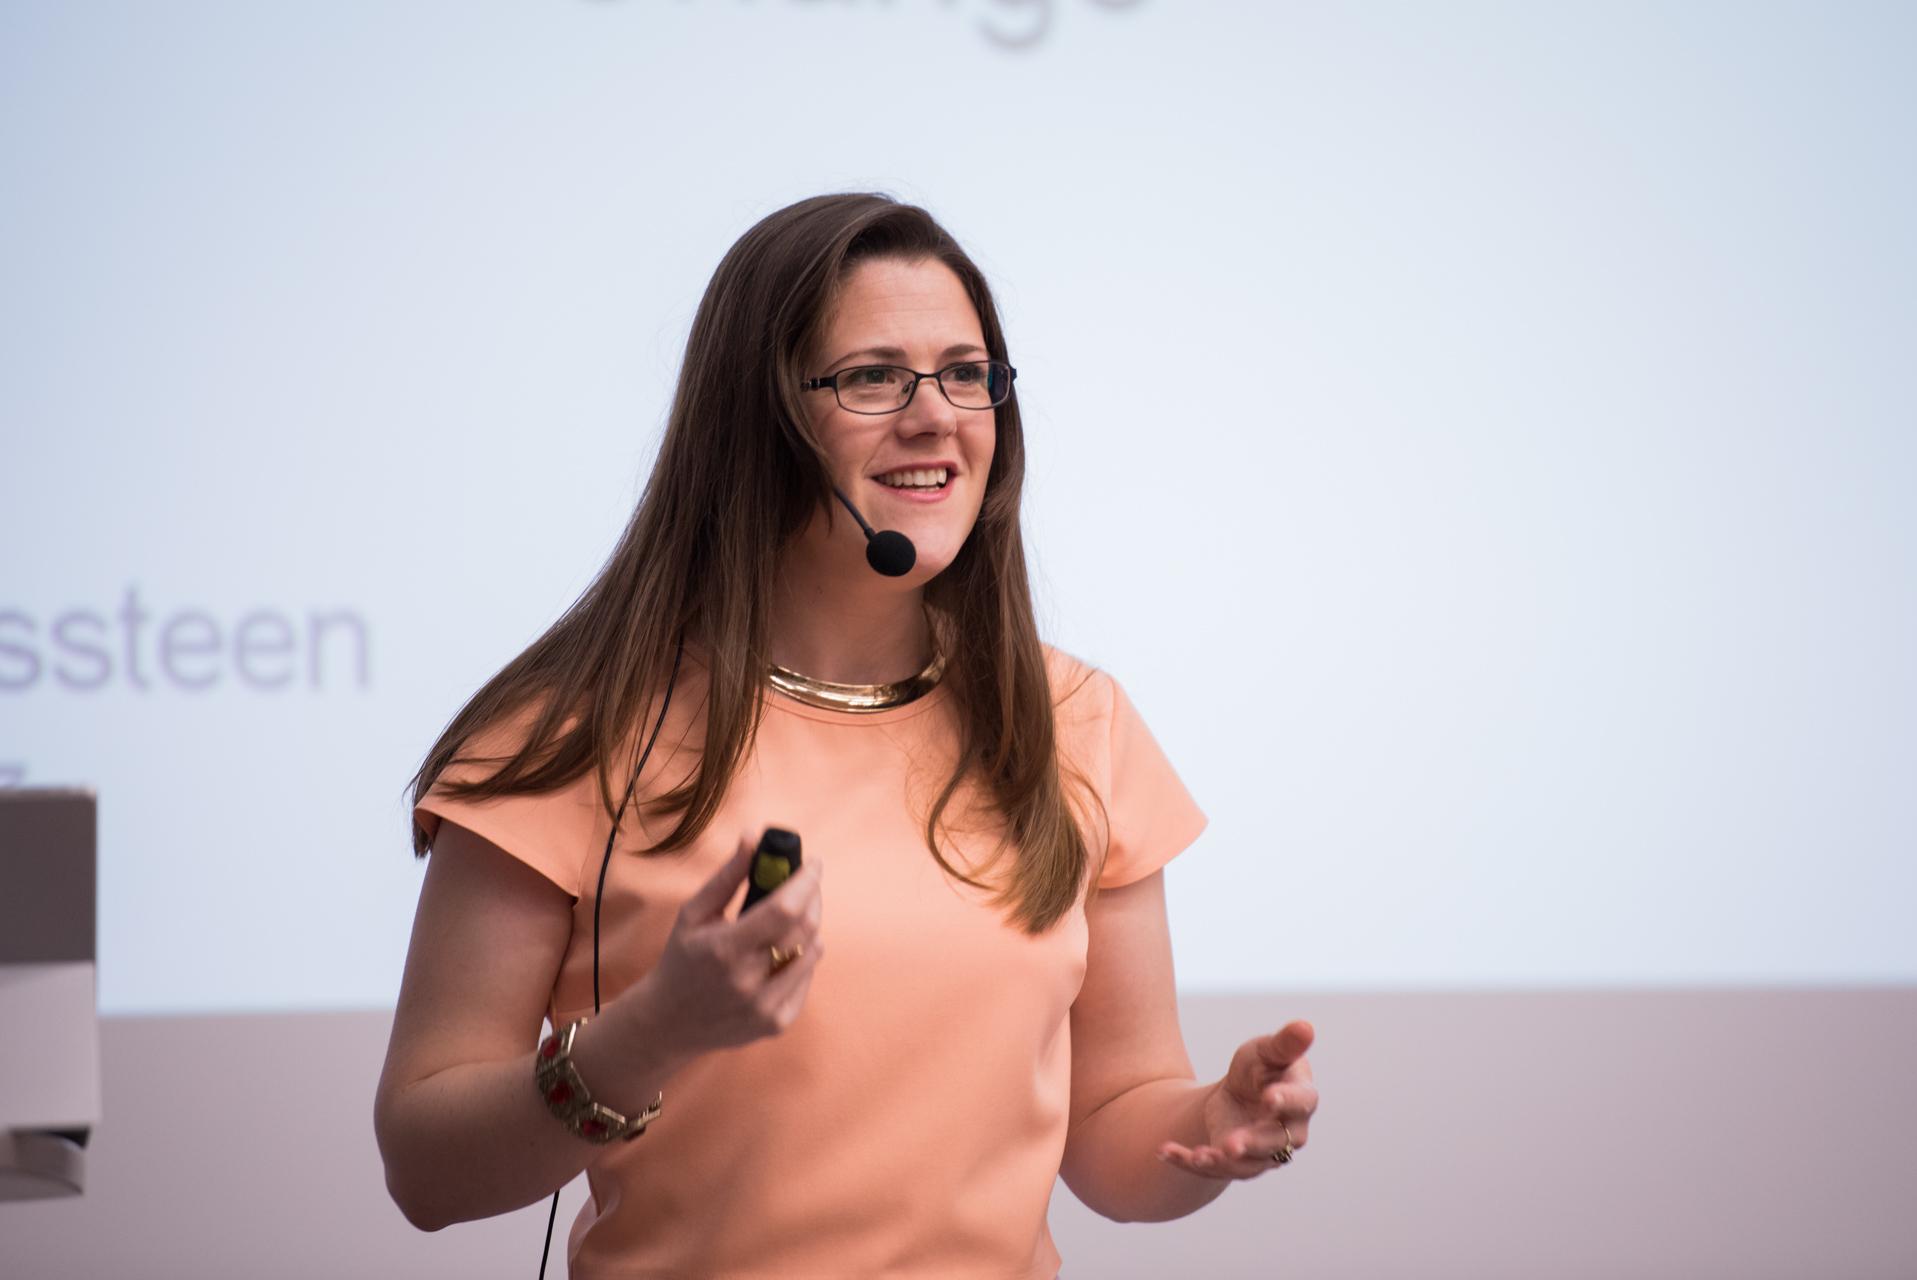 brno-czech-female-plenary-speaker-marketing-branding-leadership